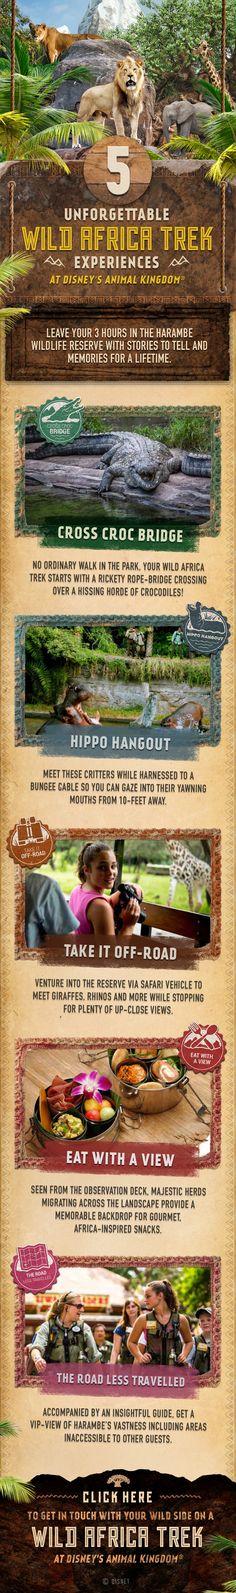 5 inolvidables experiencias en Wild Africa Trek en Disney's Animal Kingdom en Walt Disney World. Agregue aventura a su vacación con su familia!